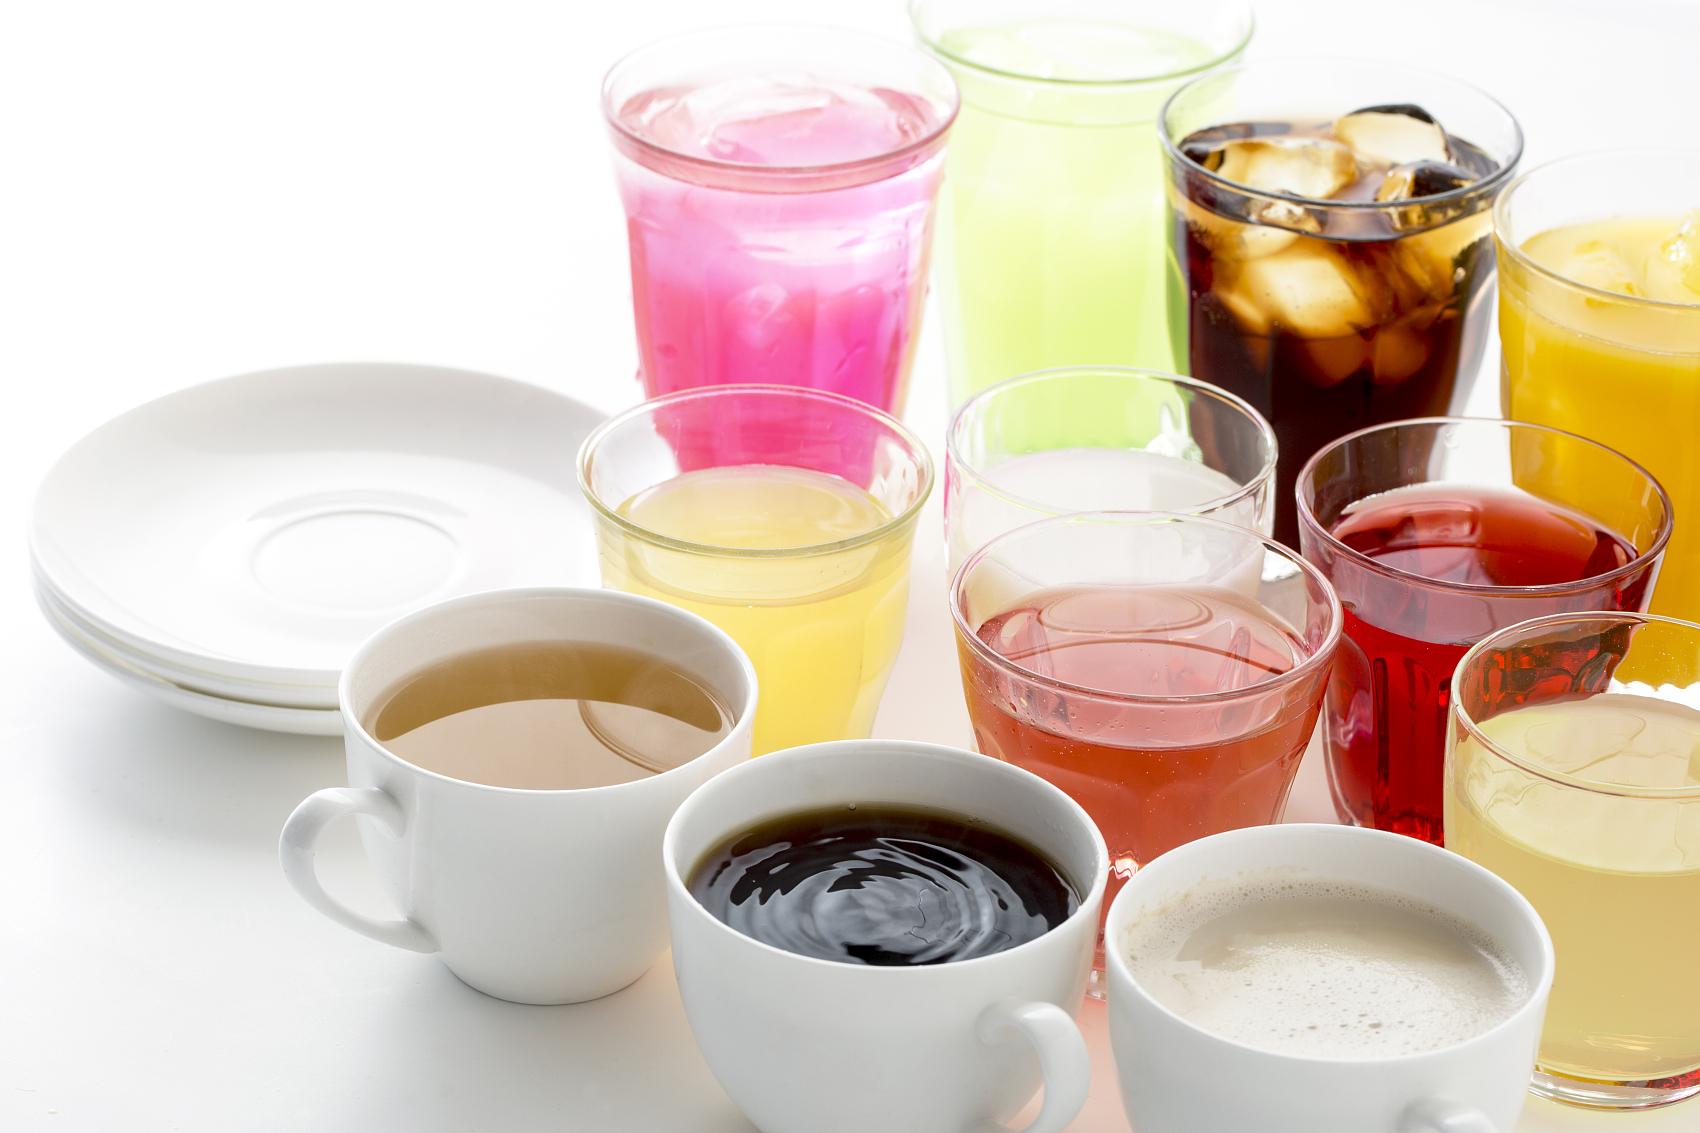 红糖水对白癜风治疗有帮助吗?